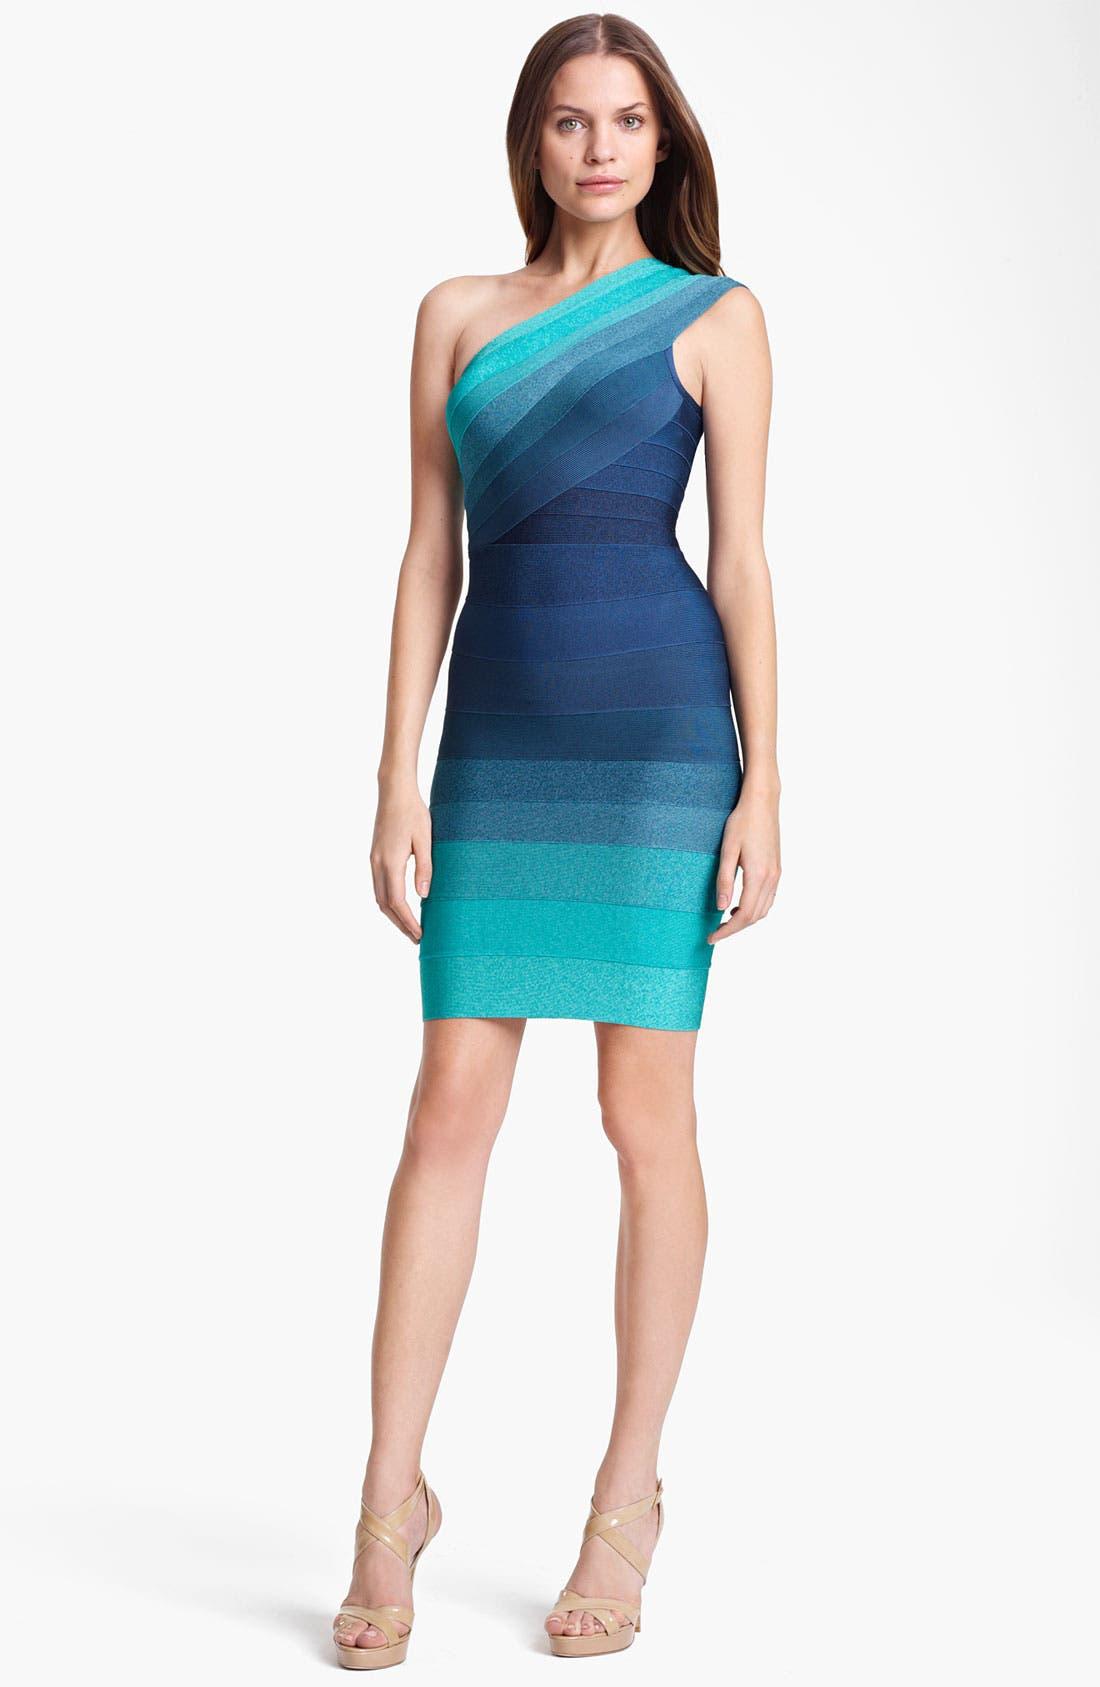 Main Image - Herve Leger Ombré One Shoulder Dress